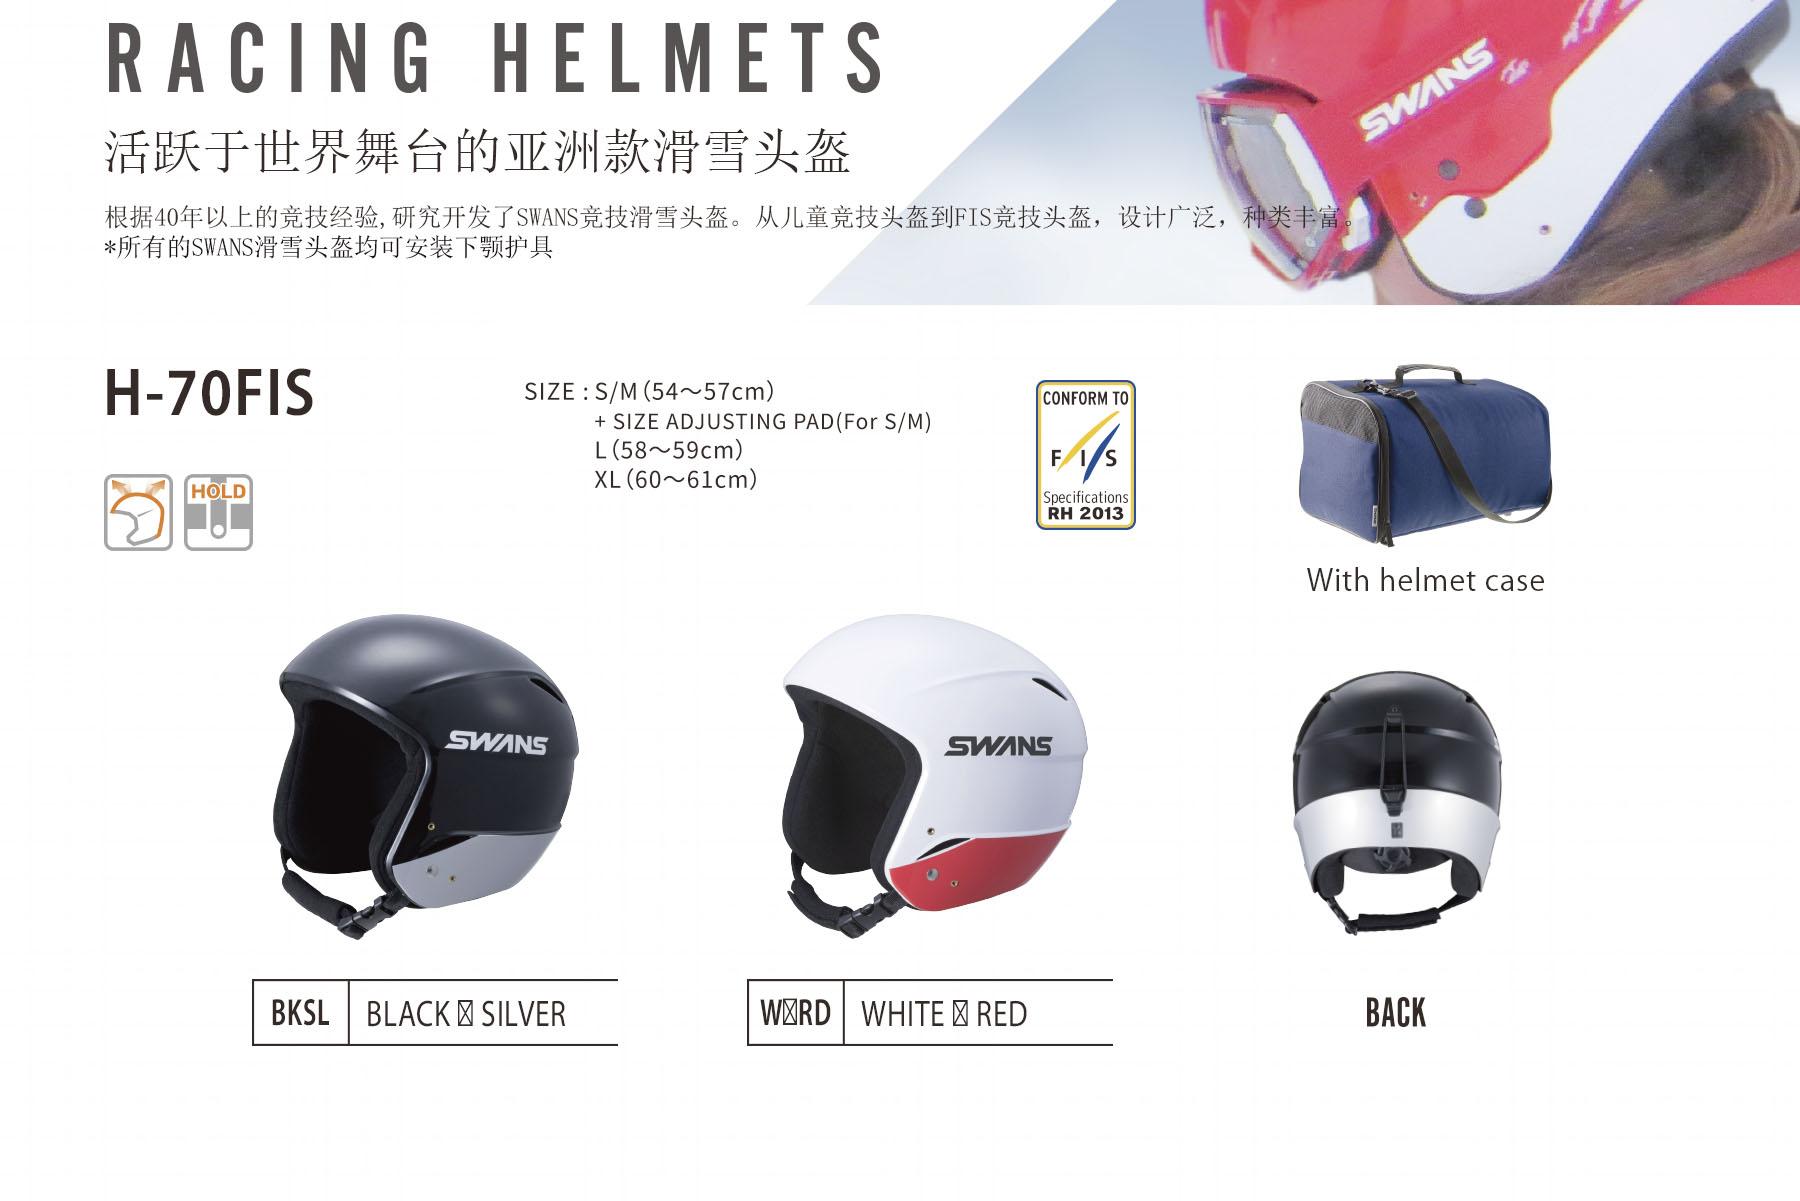 H-70FIS-竞技3-